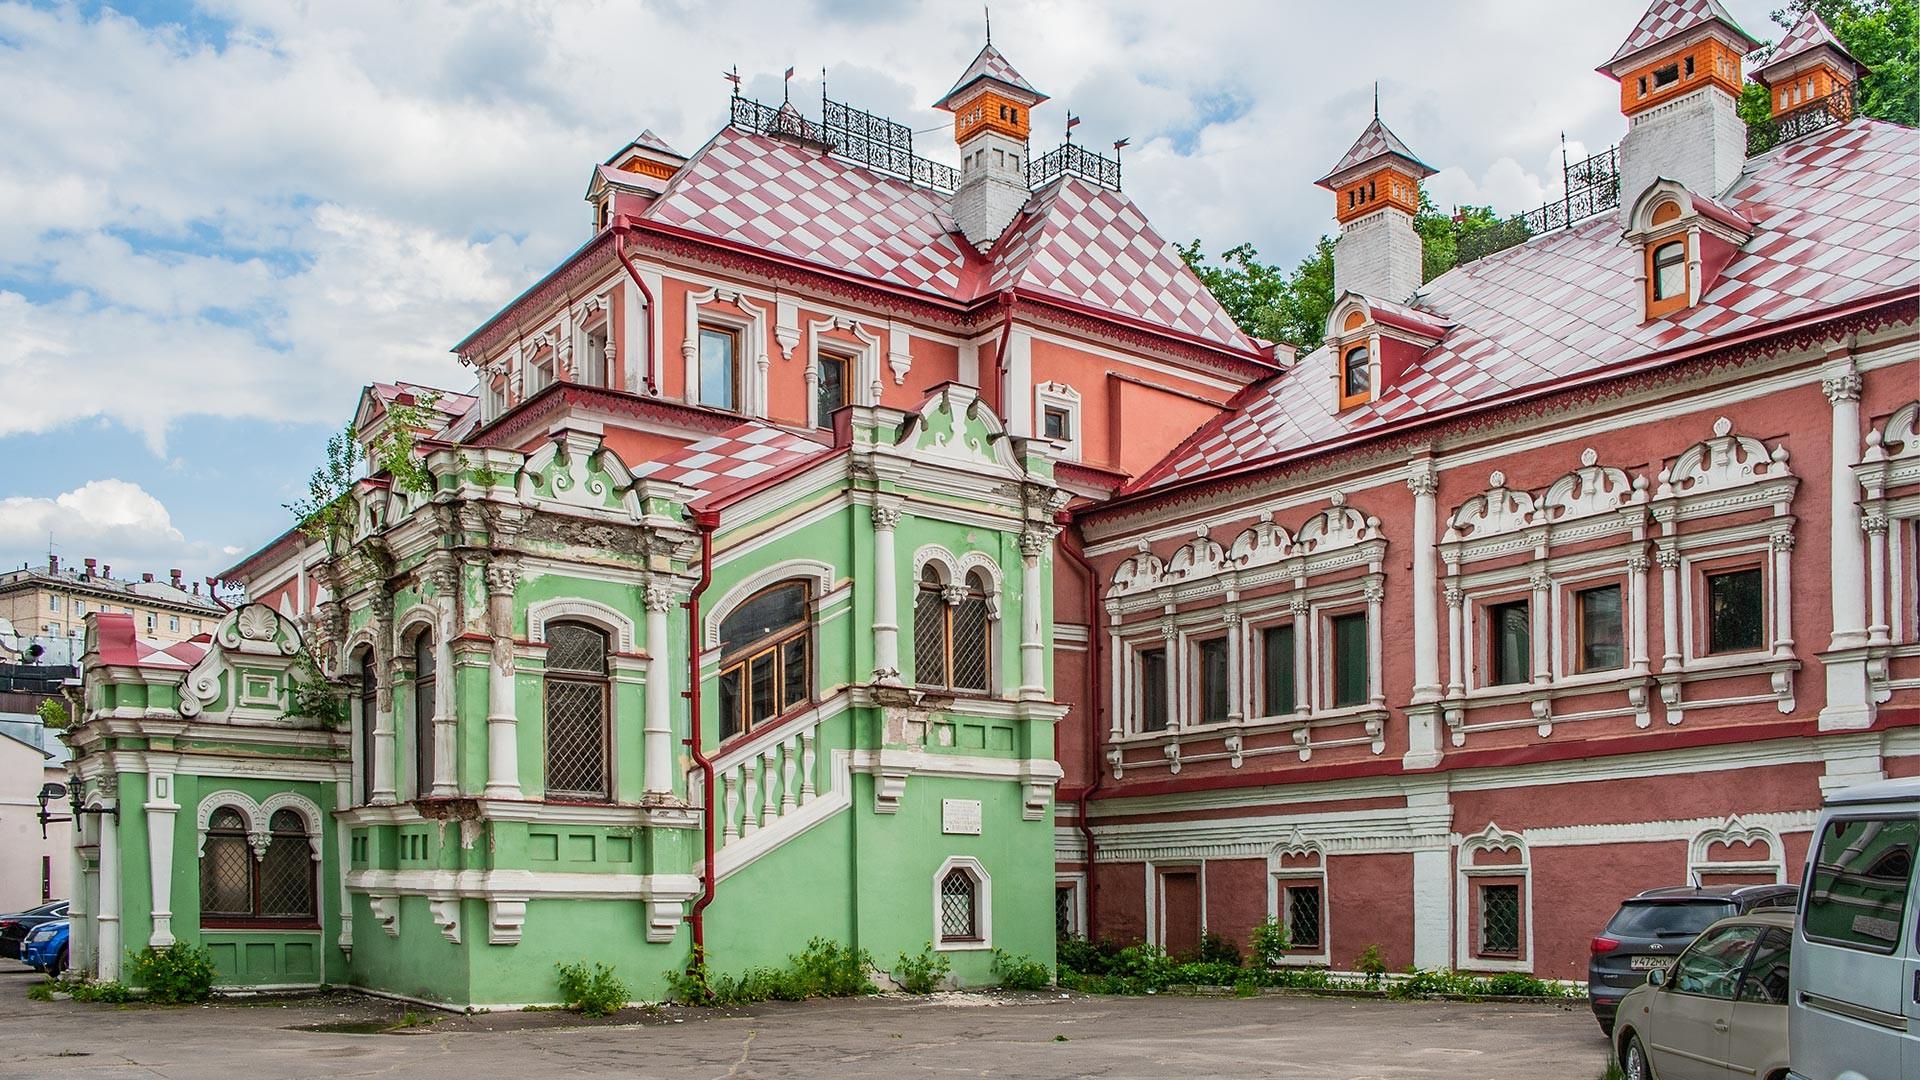 The Volkov-Yusupov palace